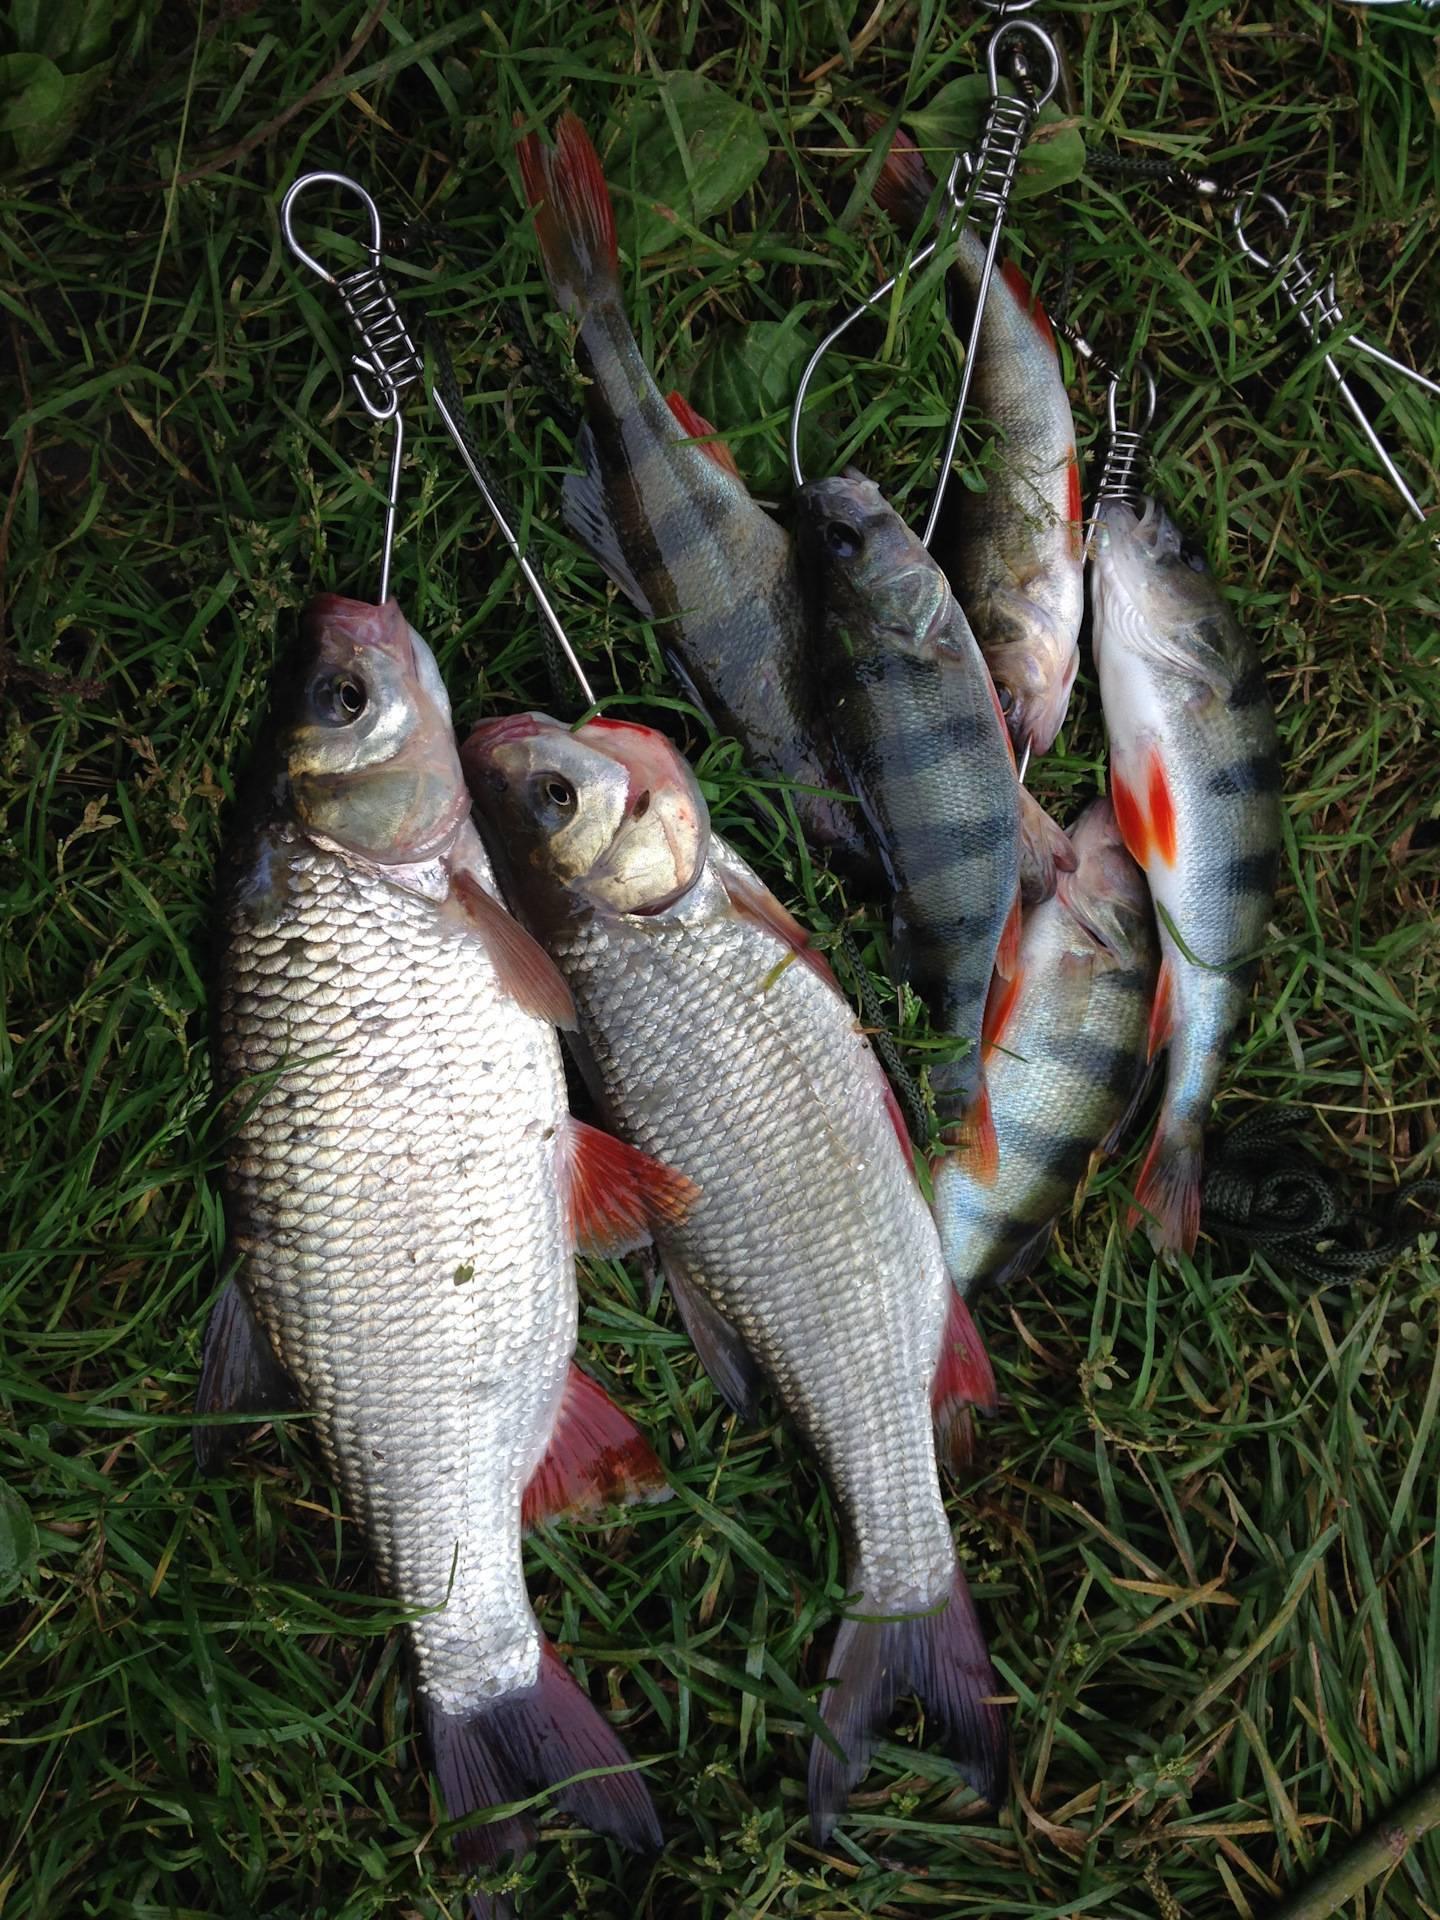 Рыбалка на оке - рыбные места, снасти, приманки